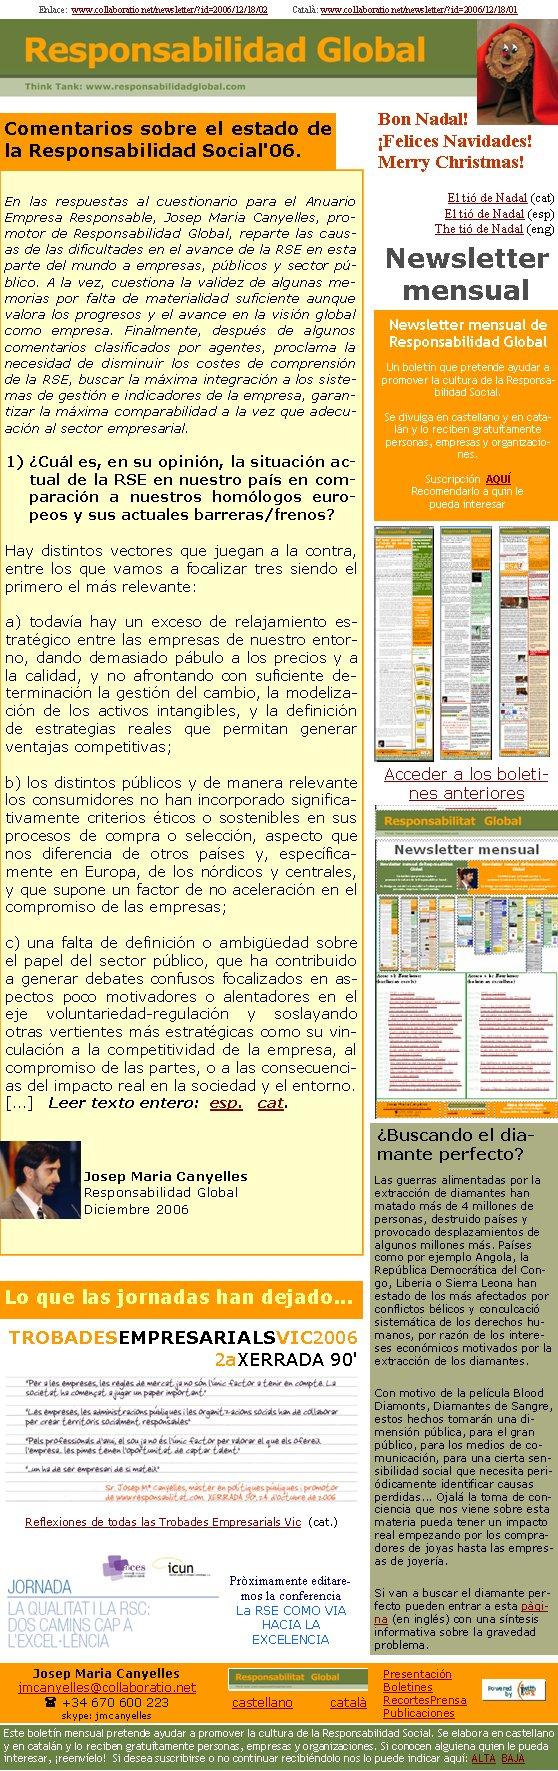 Enlace:  www.collaboratio.net/newsletter/?id=2006/12/18/02           Català: www.collaboratio.net/newsletter/?id=2006/12/18/01Comentarios sobre el estado de la Responsabilidad Social'06.En las respuestas al cuestionario para el Anuario Empresa Responsable, Josep Maria Canyelles, promotor de Responsabilidad Global, reparte las causas de las dificultades en el avance de la RSE en esta parte del mundo a empresas, públicos y sector público. A la vez, cuestiona la validez de algunas memorias por falta de materialidad suficiente aunque valora los progresos y el avance en la visión global como empresa. Finalmente, después de algunos comentarios clasificados por agentes, proclama la necesidad de disminuir los costes de comprensión de la RSE, buscar la máxima integración a los sistemas de gestión e indicadores de la empresa, garantizar la máxima comparabilidad a la vez que adecuación al sector empresarial.1) ¿Cuál es, en su opinión, la situación actual de la RSE en nuestro país en comparación a nuestros homólogos europeos y sus actuales barreras/frenos?Hay distintos vectores que juegan a la contra, entre los que vamos a focalizar tres siendo el primero el más relevante: a) todavía hay un exceso de relajamiento estratégico entre las empresas de nuestro entorno, dando demasiado pábulo a los precios y a la calidad, y no afrontando con suficiente determinación la gestión del cambio, la modelización de los activos intangibles, y la definición de estrategias reales que permitan generar ventajas competitivas; b) los distintos públicos y de manera relevante los consumidores no han incorporado significativamente criterios éticos o sostenibles en sus procesos de compra o selección, aspecto que nos diferencia de otros países y, específicamente en Europa, de los nórdicos y centrales, y que supone un factor de no aceleración en el compromiso de las empresas;c) una falta de definición o ambigüedad sobre el papel del sector público, que ha contribuido a generar debates confusos focalizados